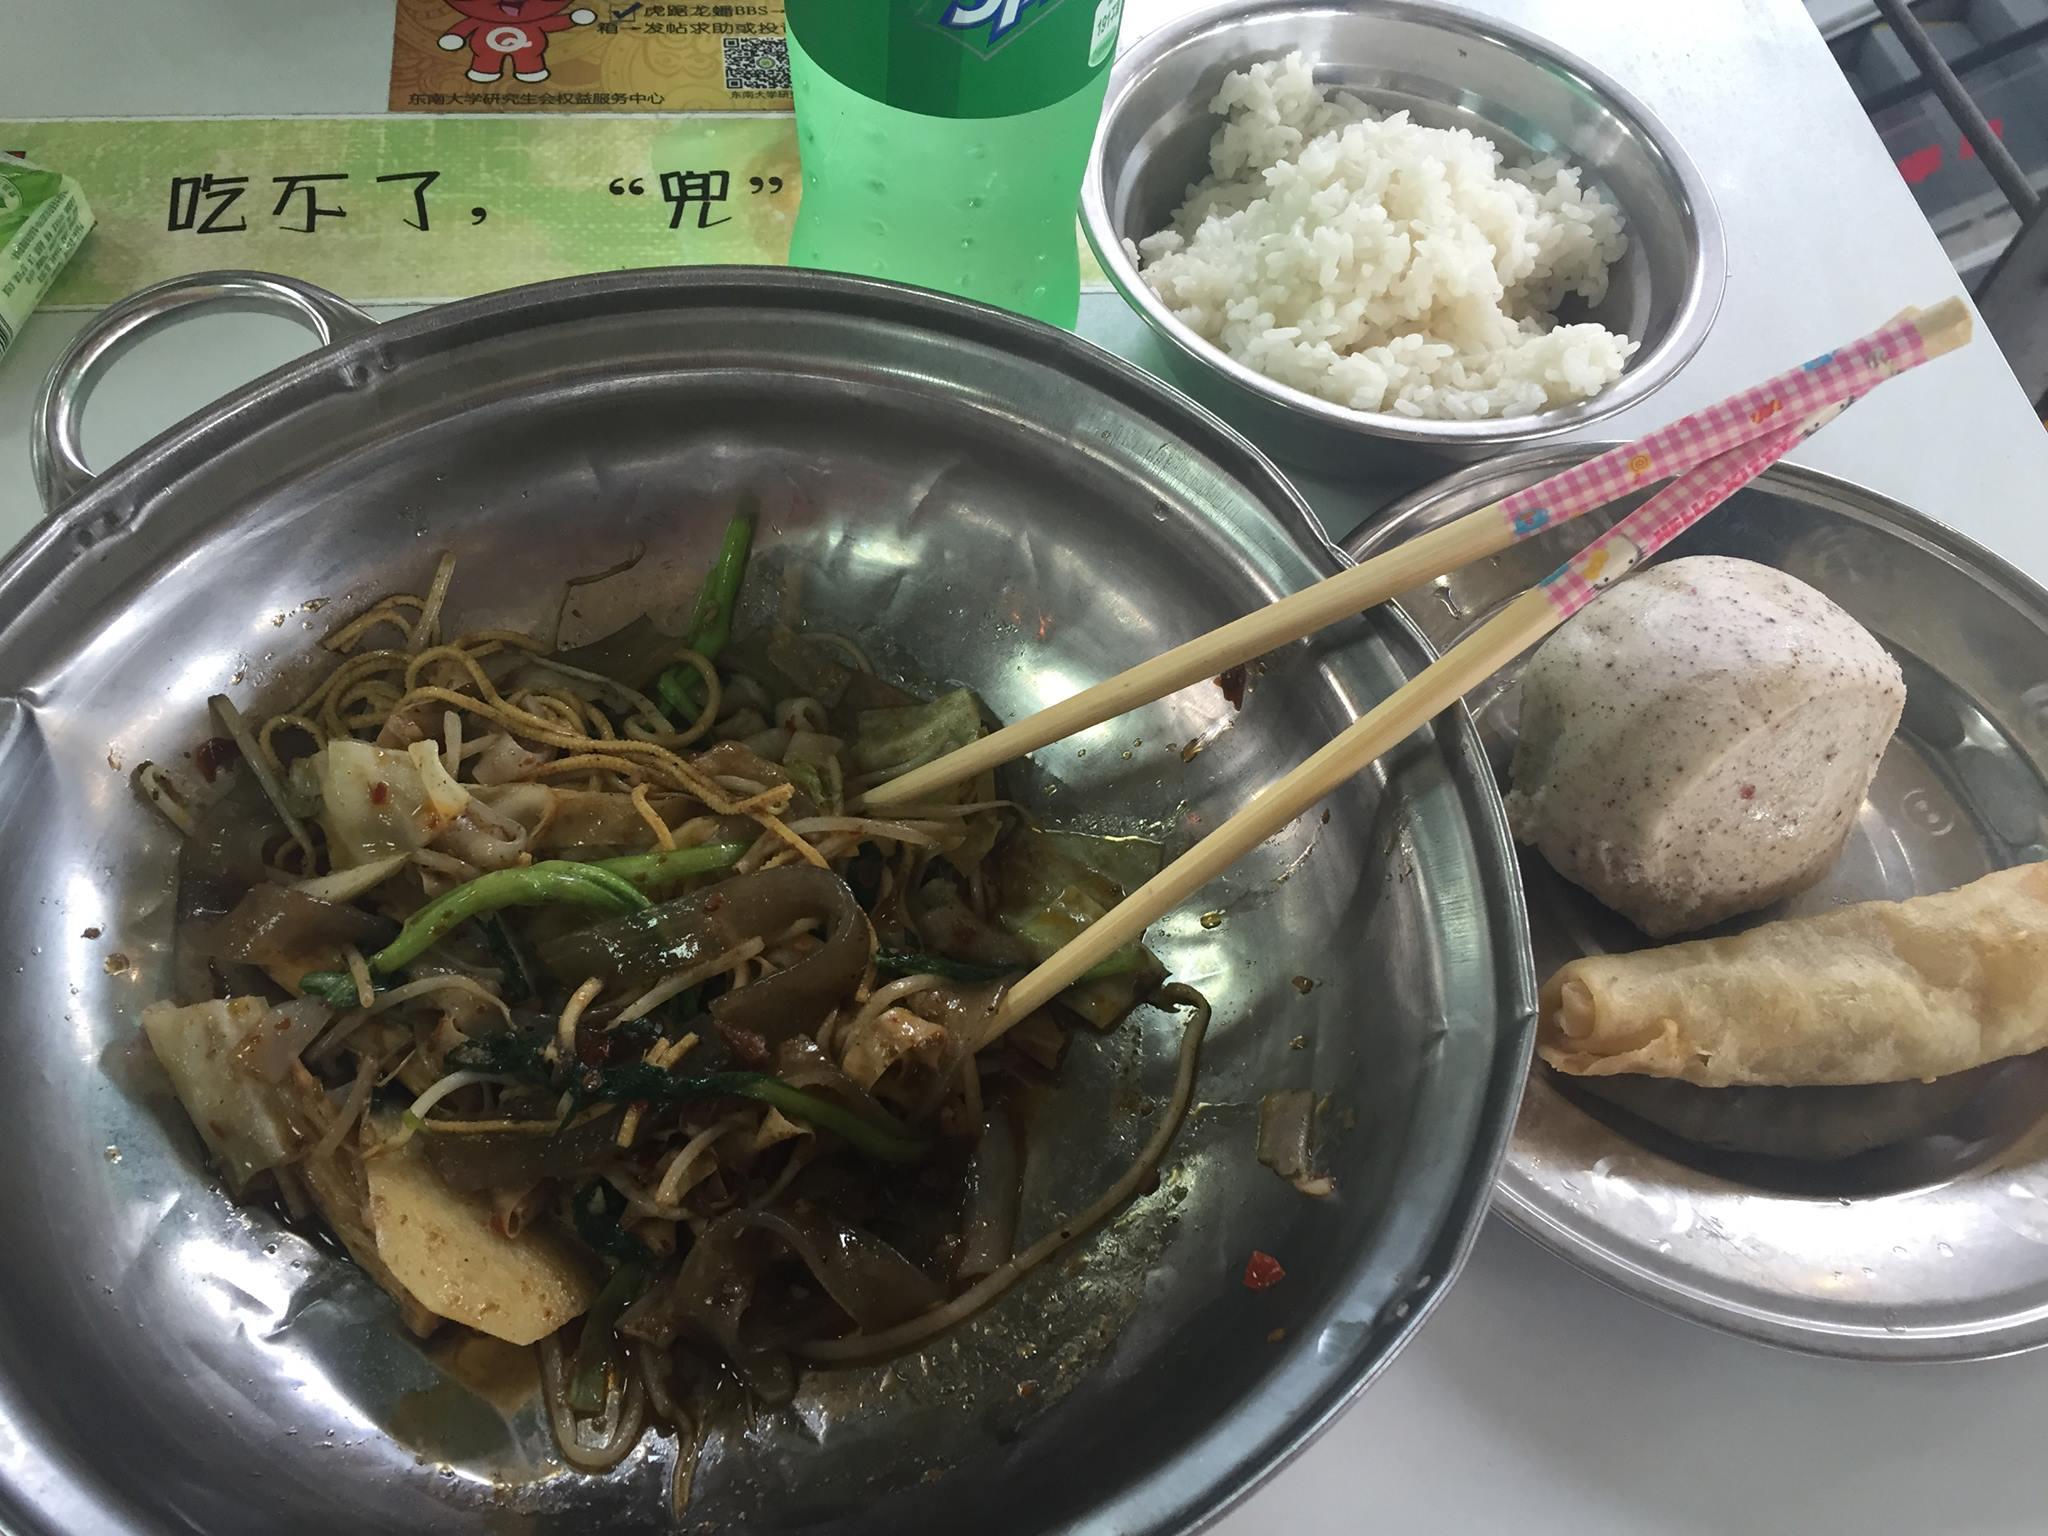 Takto vyzeral obed v školskej jedálni. Zdroj: Archív Pam Polákovej